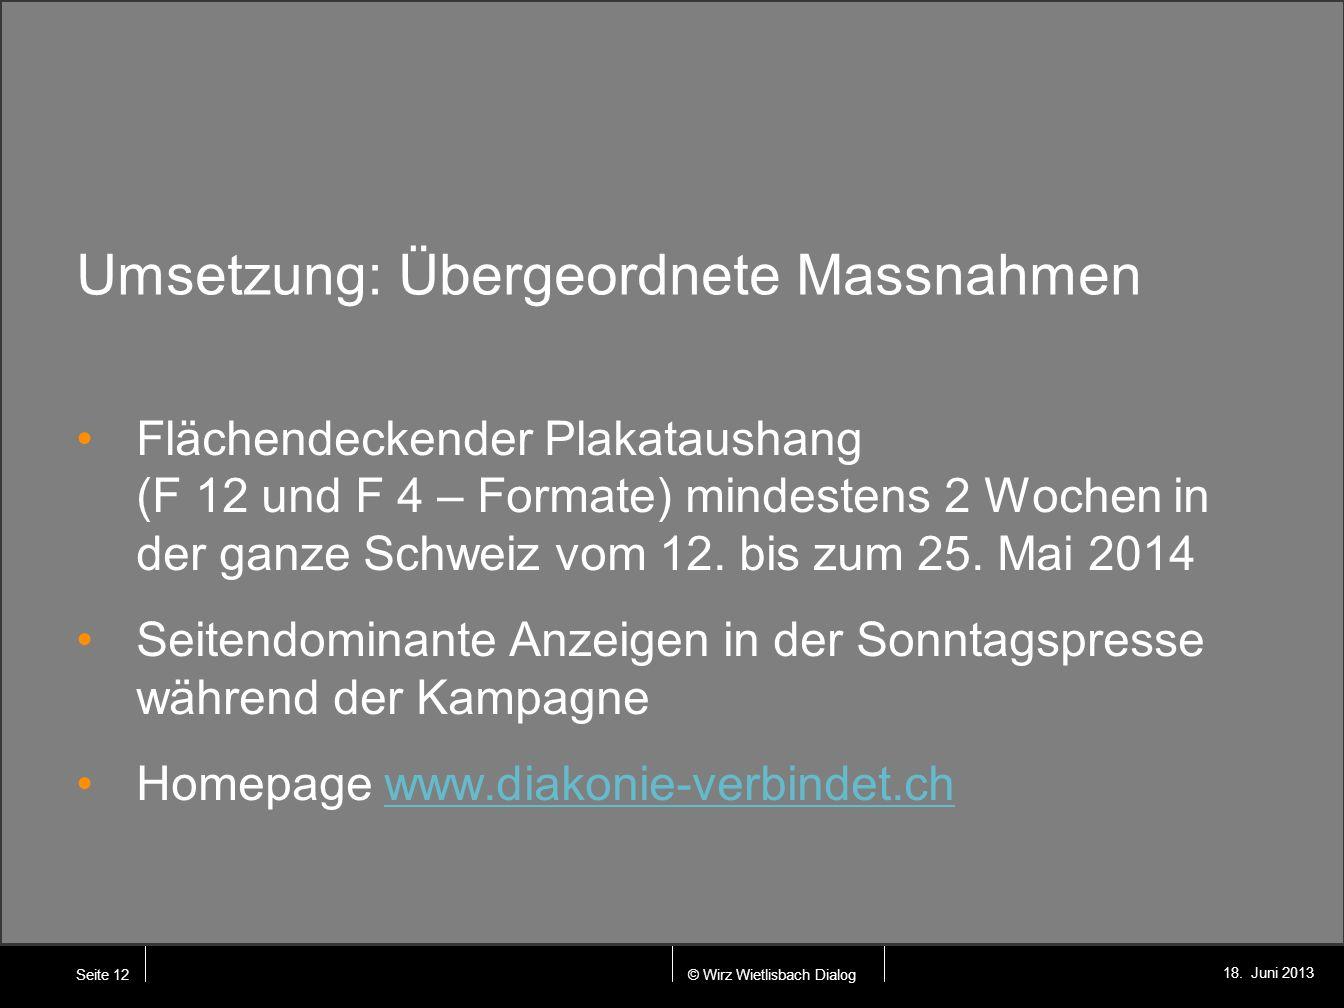 © Wirz Wietlisbach Dialog 18. Juni 2013 Umsetzung: Übergeordnete Massnahmen Flächendeckender Plakataushang (F 12 und F 4 – Formate) mindestens 2 Woche